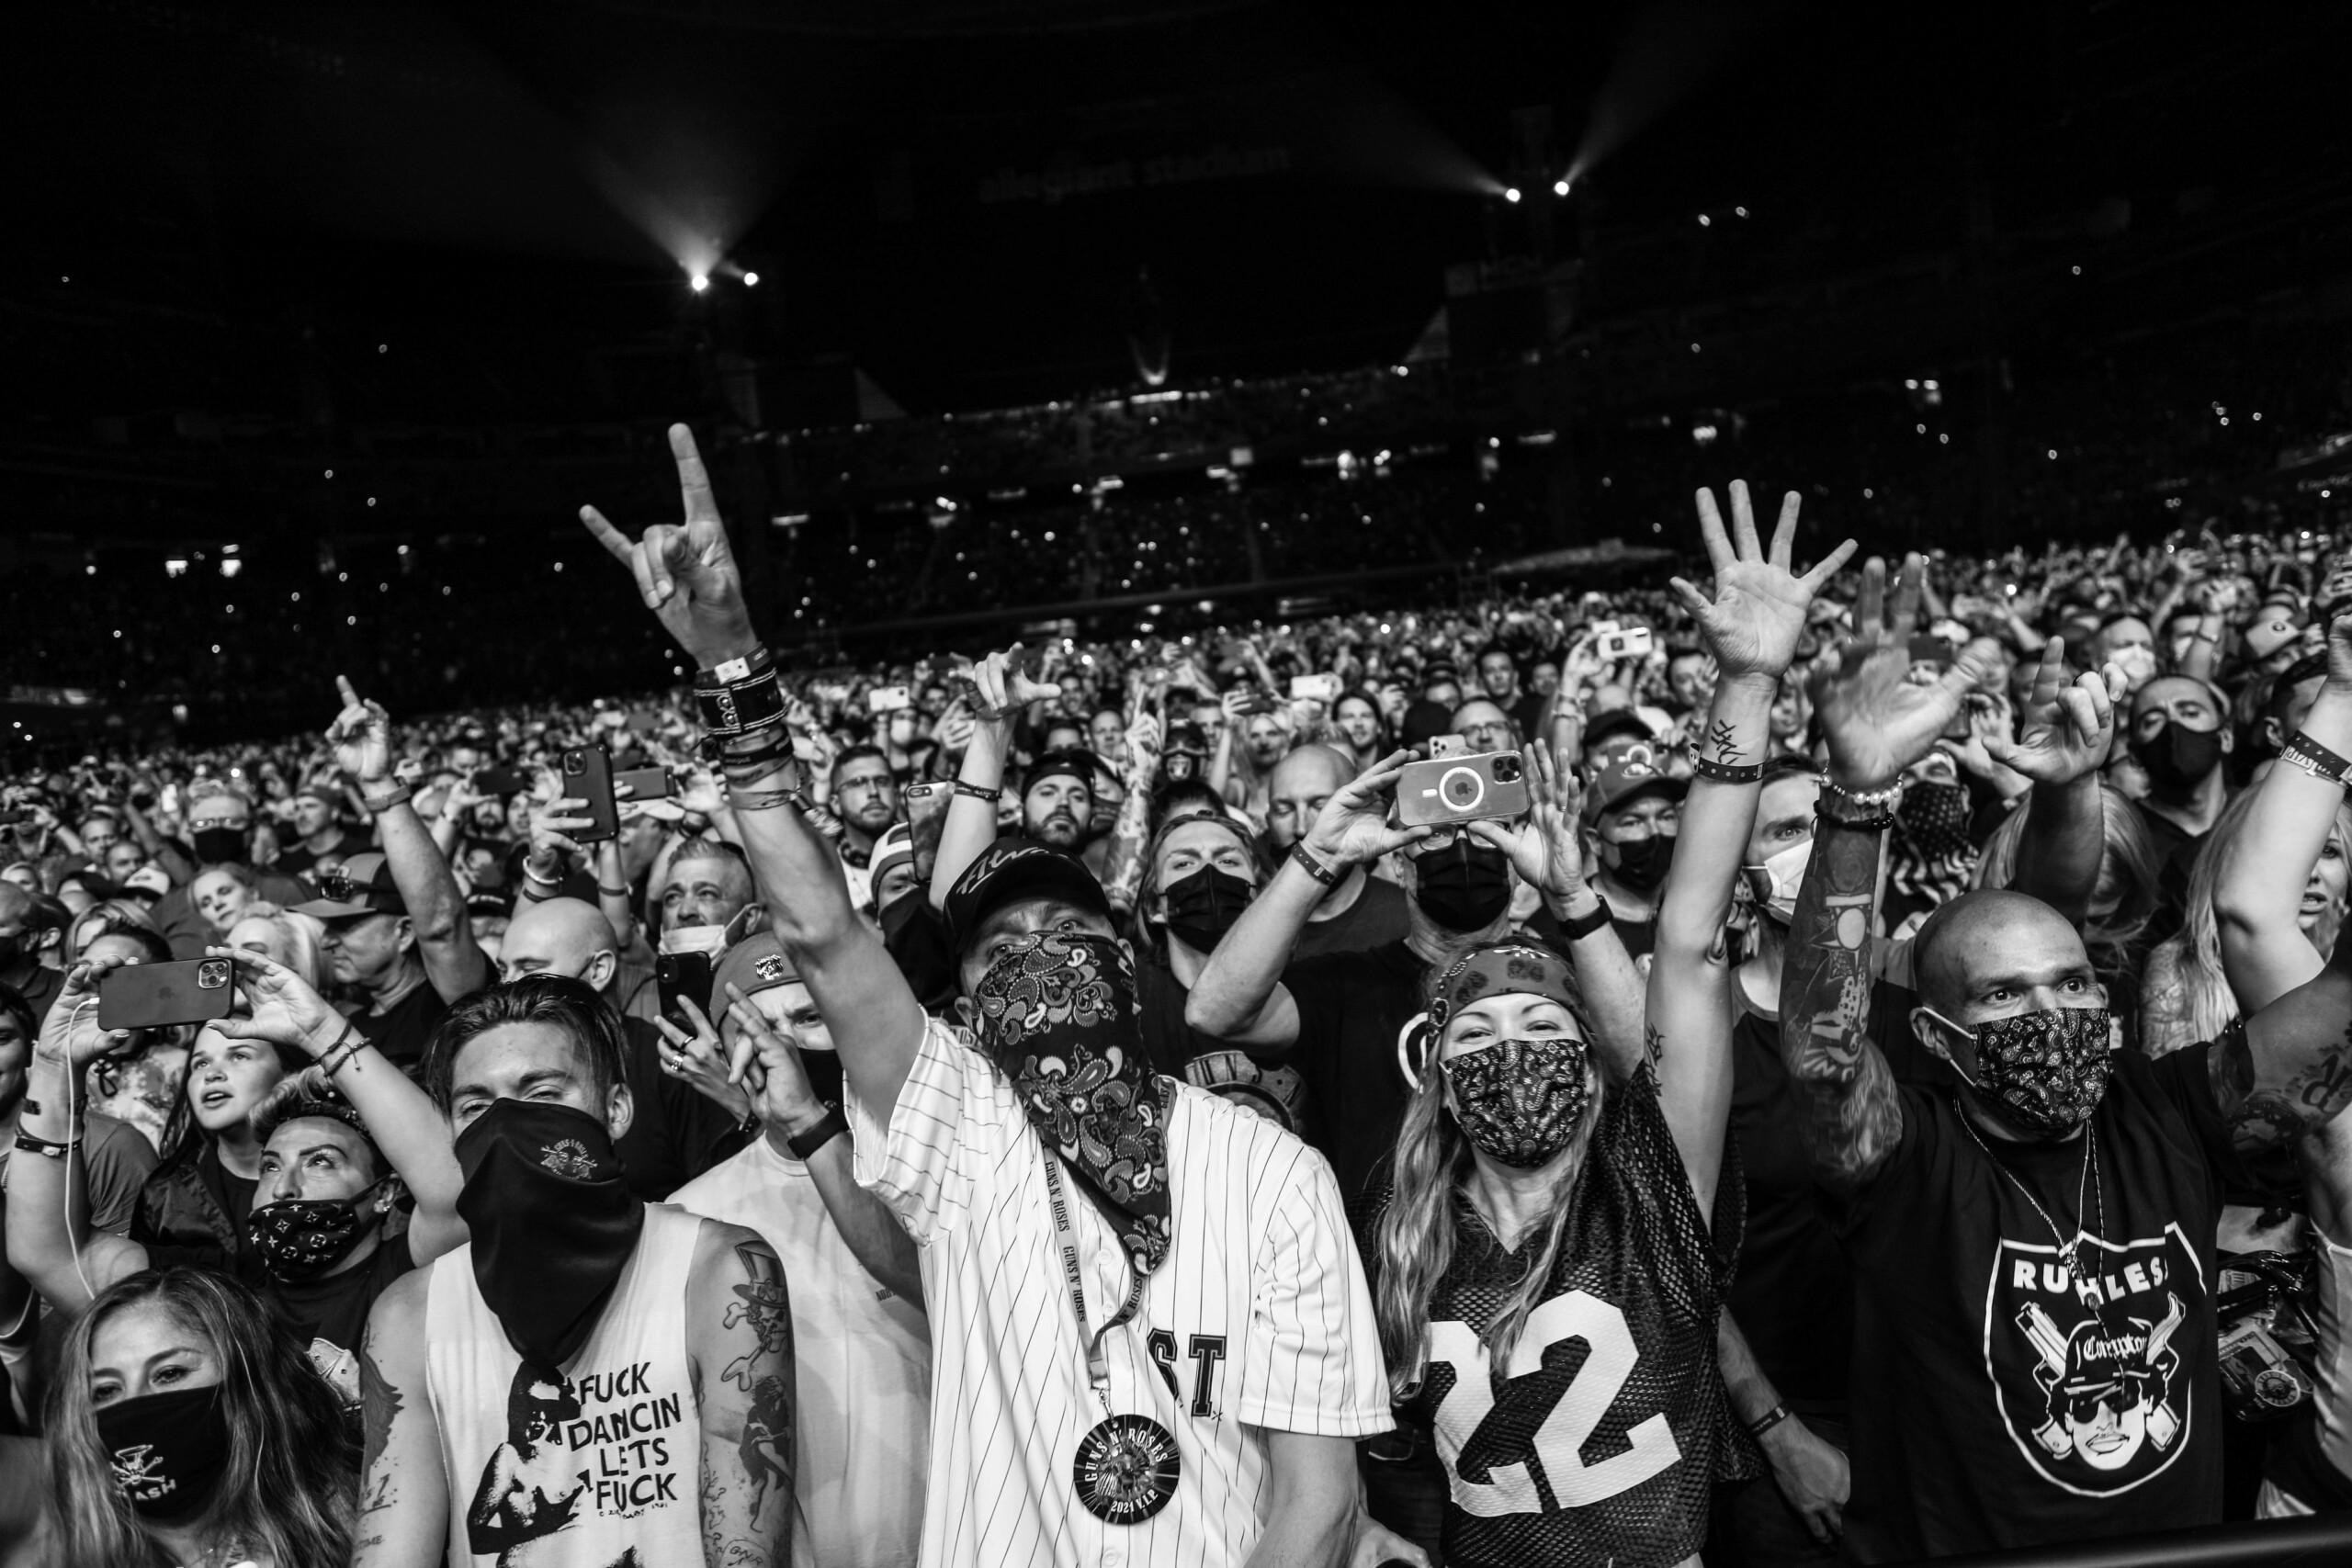 2021.08.27 - Allegiant Stadium, Las Vegas, NV, USA E-znci13